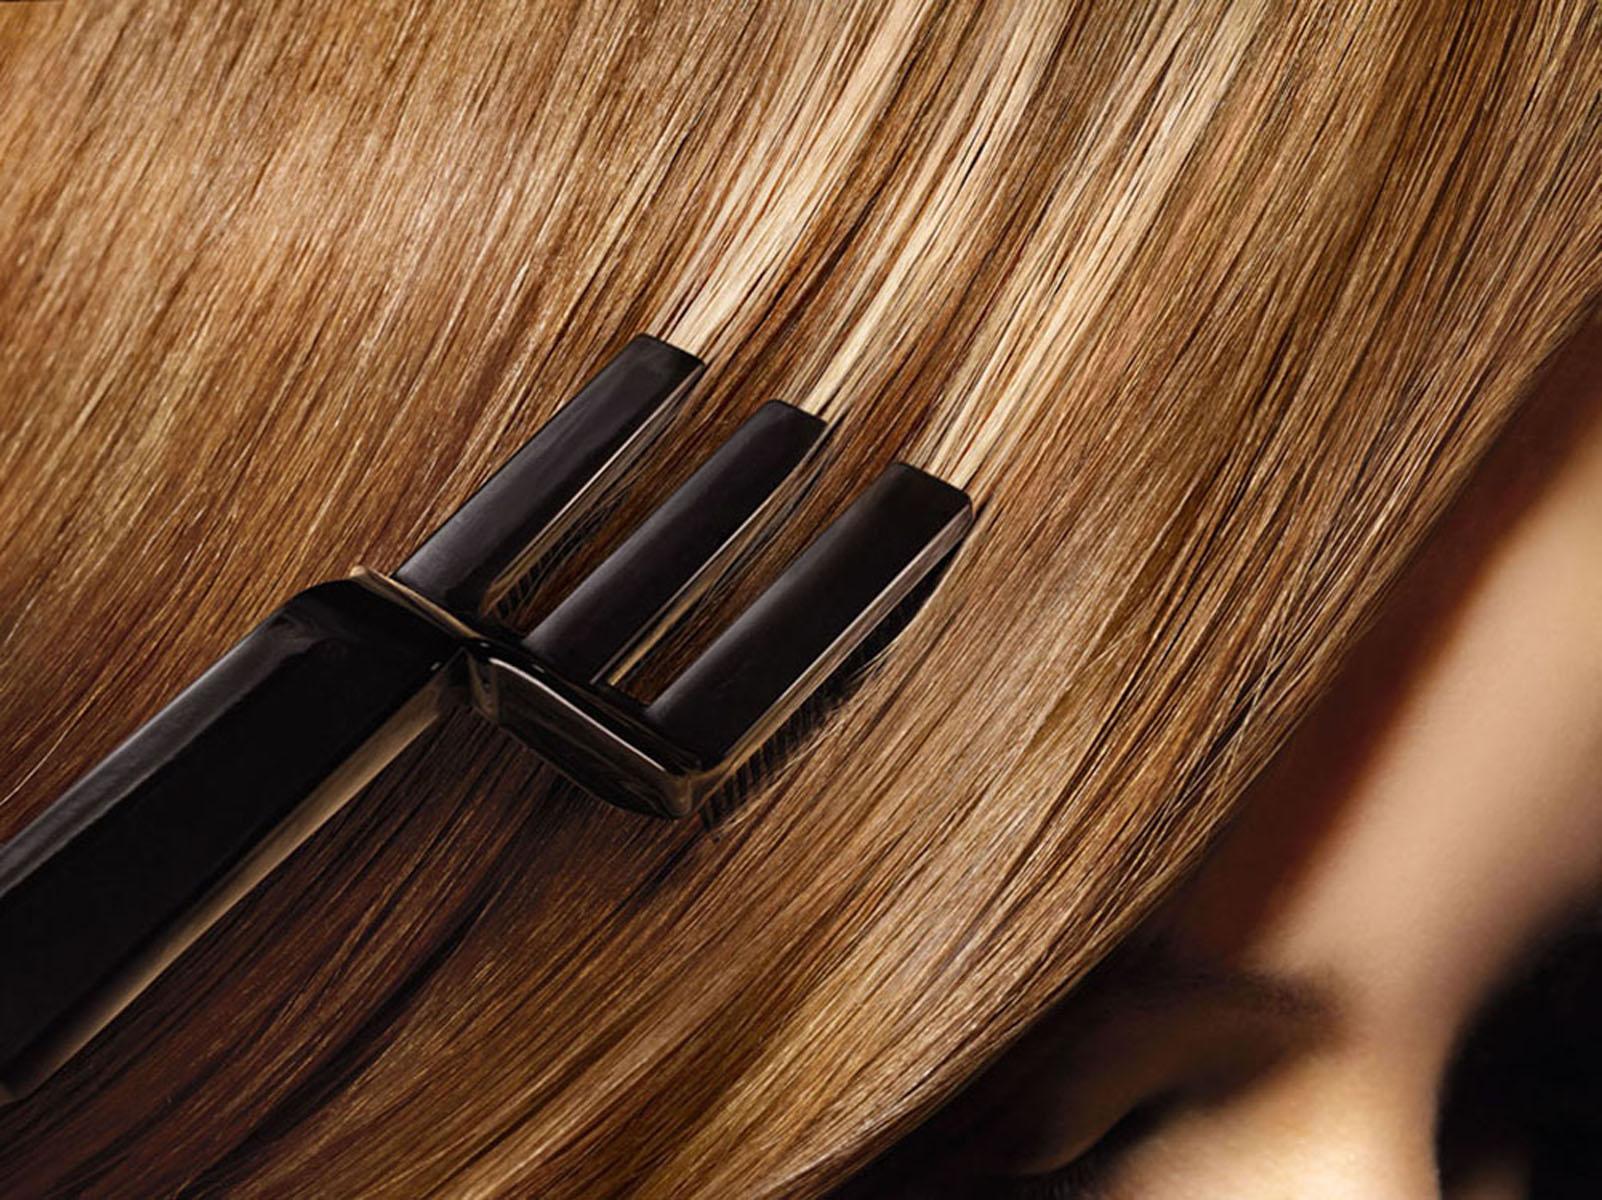 виды цветов для волос картинки лампы